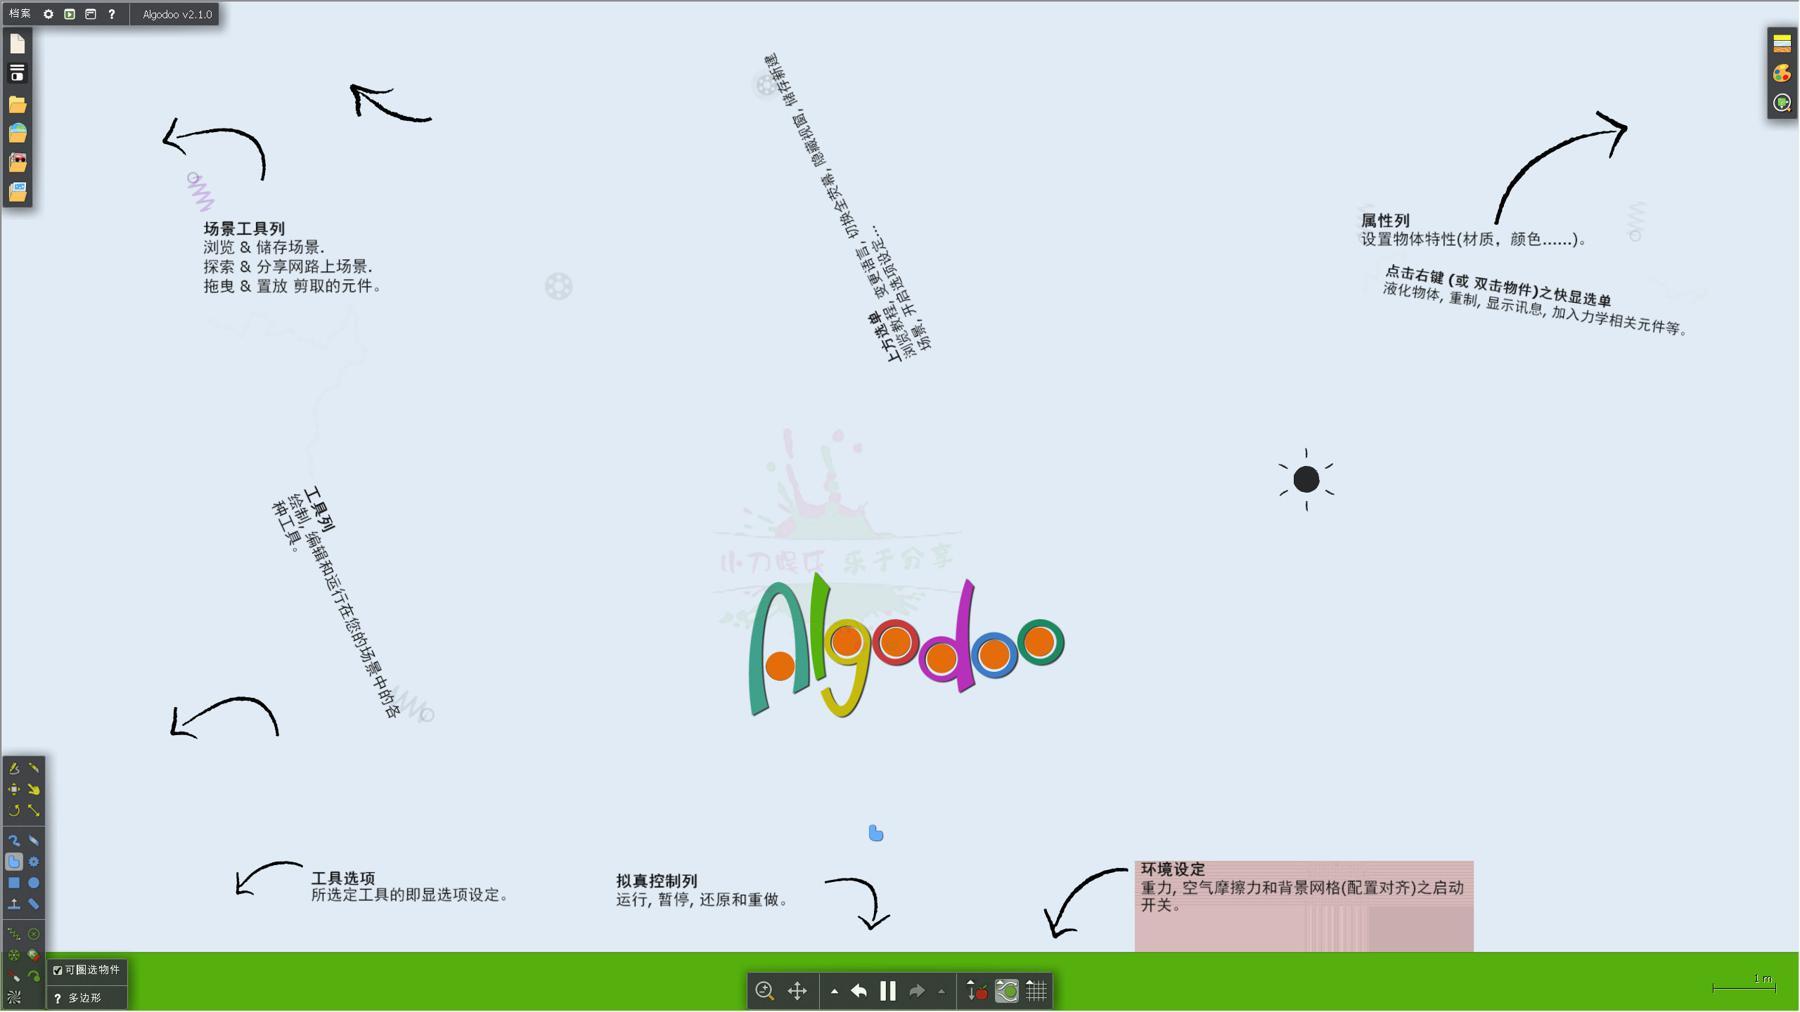 物理实验软件Algodoo